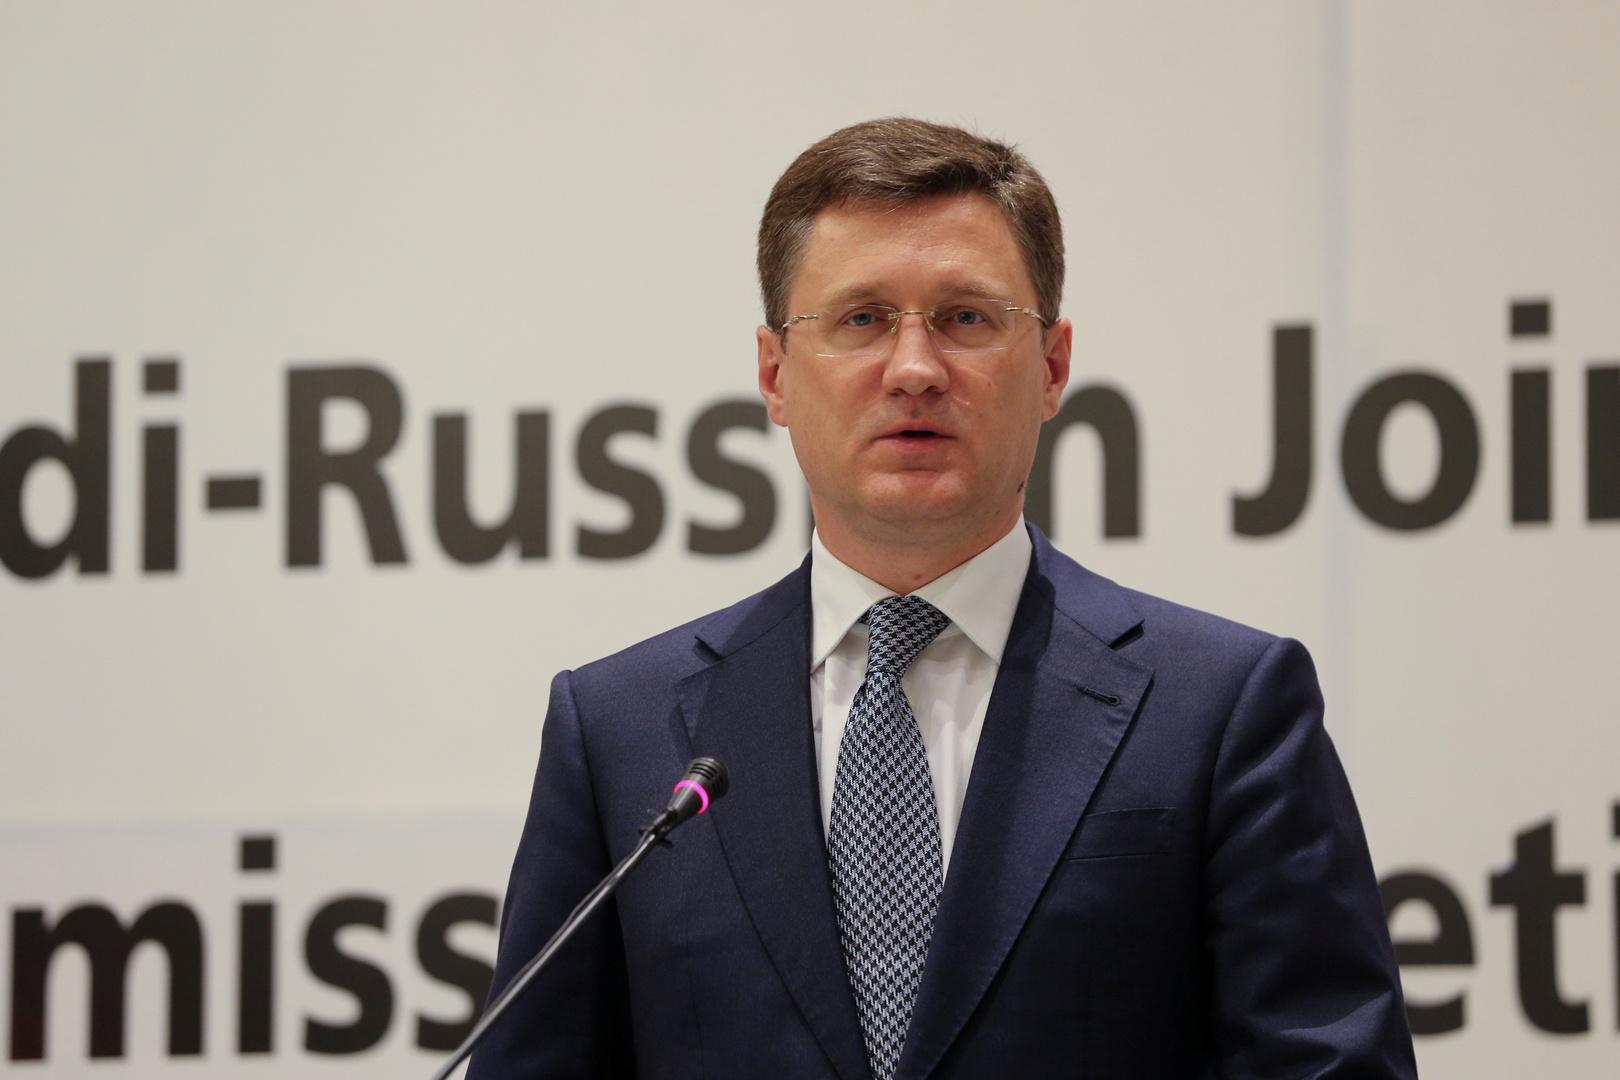 وزير الطاقة الروسي، ألكسندر نوفاك.